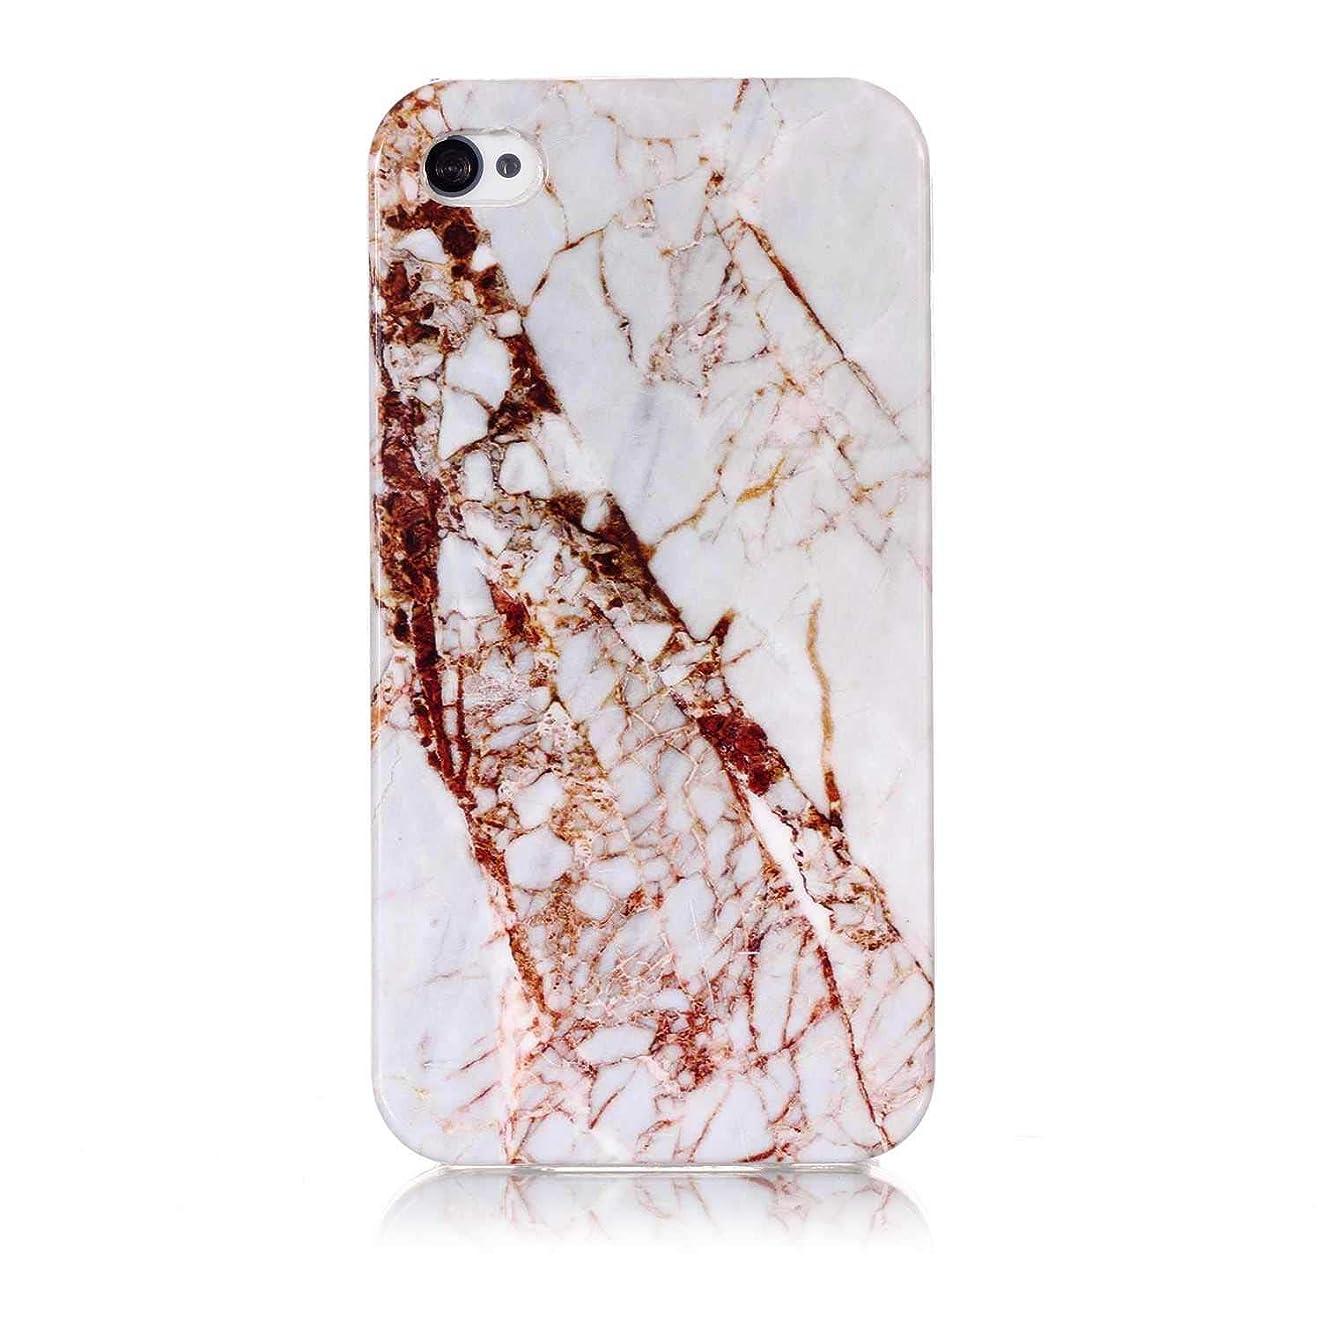 リング進化オリエンテーションiPhone 4 / iPhone 4s ケース, OMATENTI マーブル 美しい薄型 柔らかTPU い ケース, 人気 新製品 滑り防止 衝撃吸収 全面保護 バックケース, 耐摩擦 耐汚れ 落下防止 耐衝撃性 iPhone 4 / iPhone 4s 用 Case Cover,パターン-18